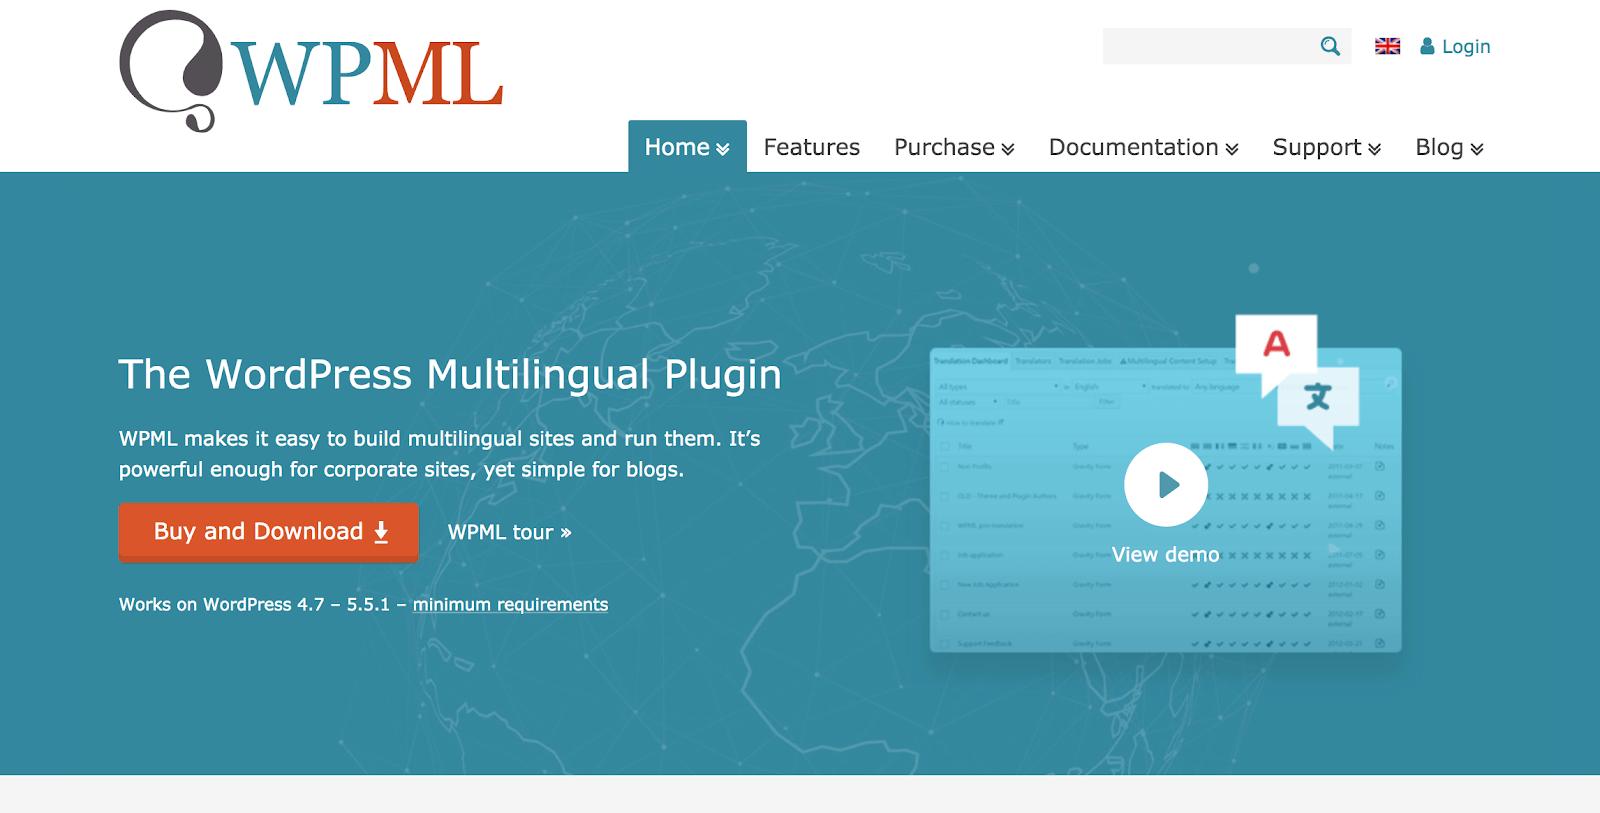 Screenshot of WPML website